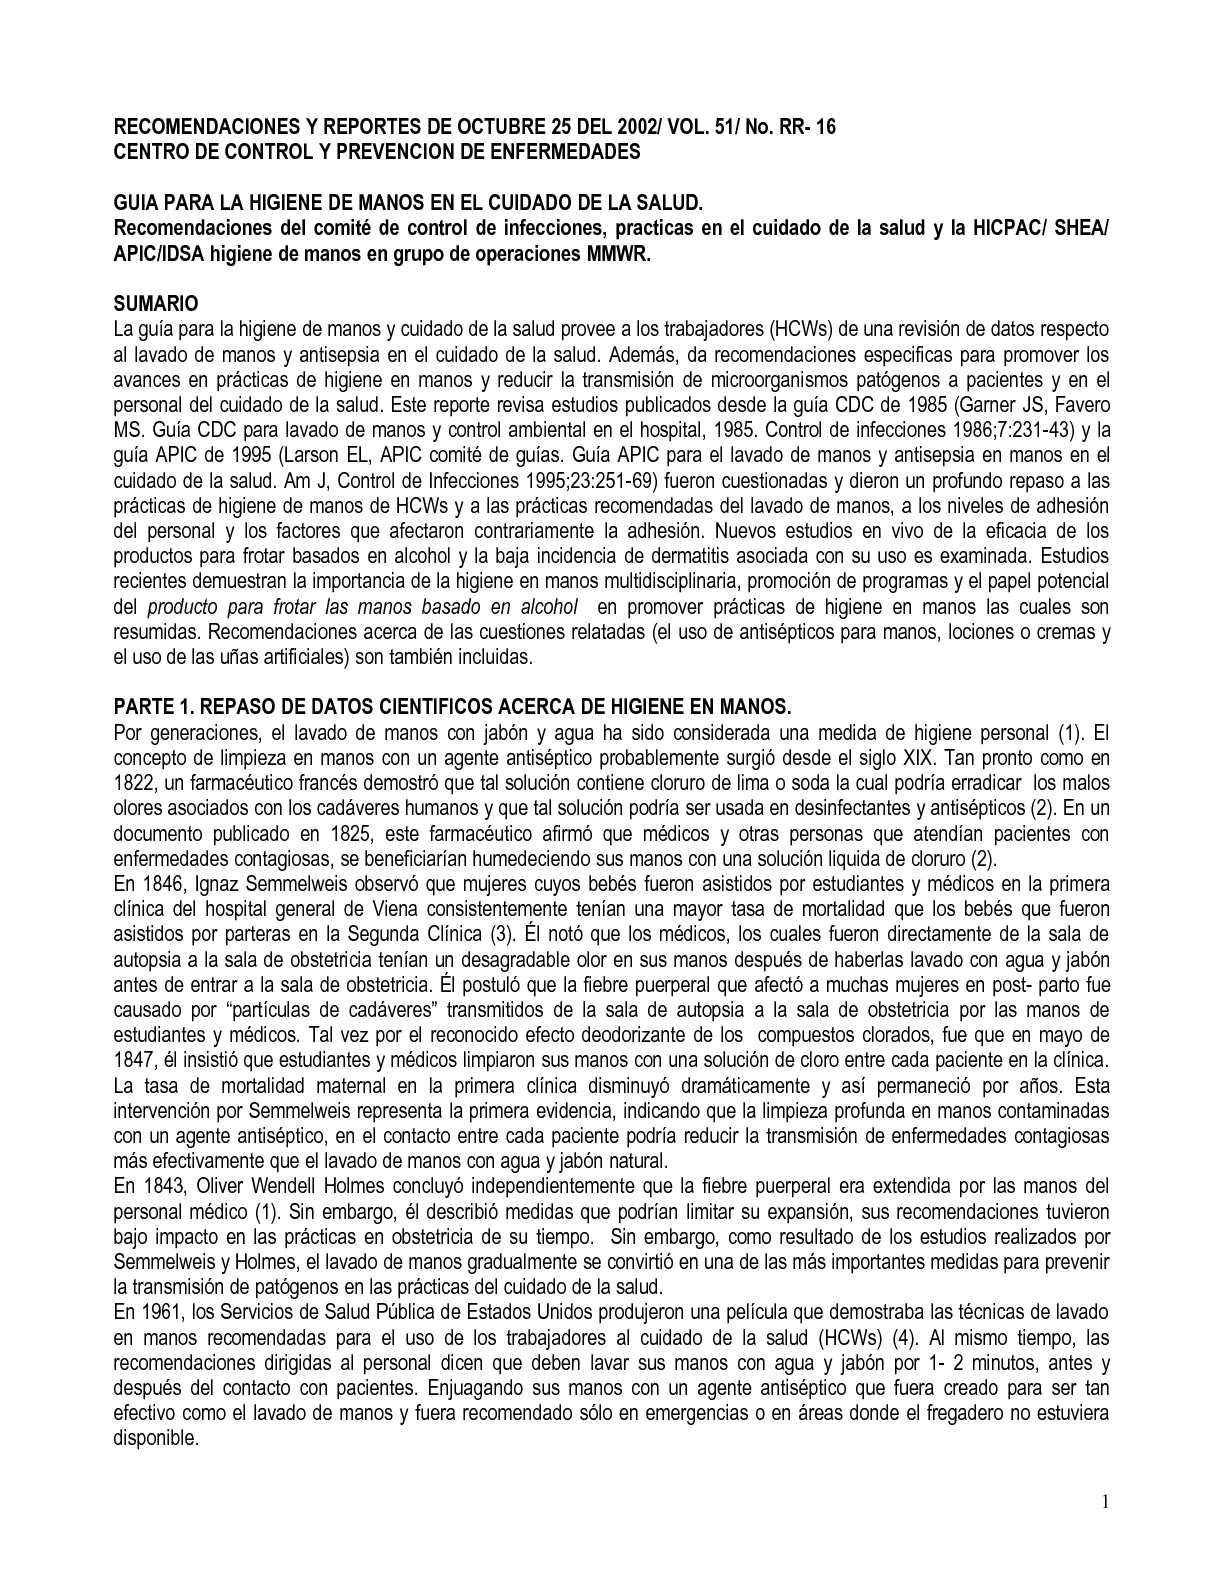 Calaméo - A TRADUCCION CDC ATLANTA HIGIENE DE MANOS